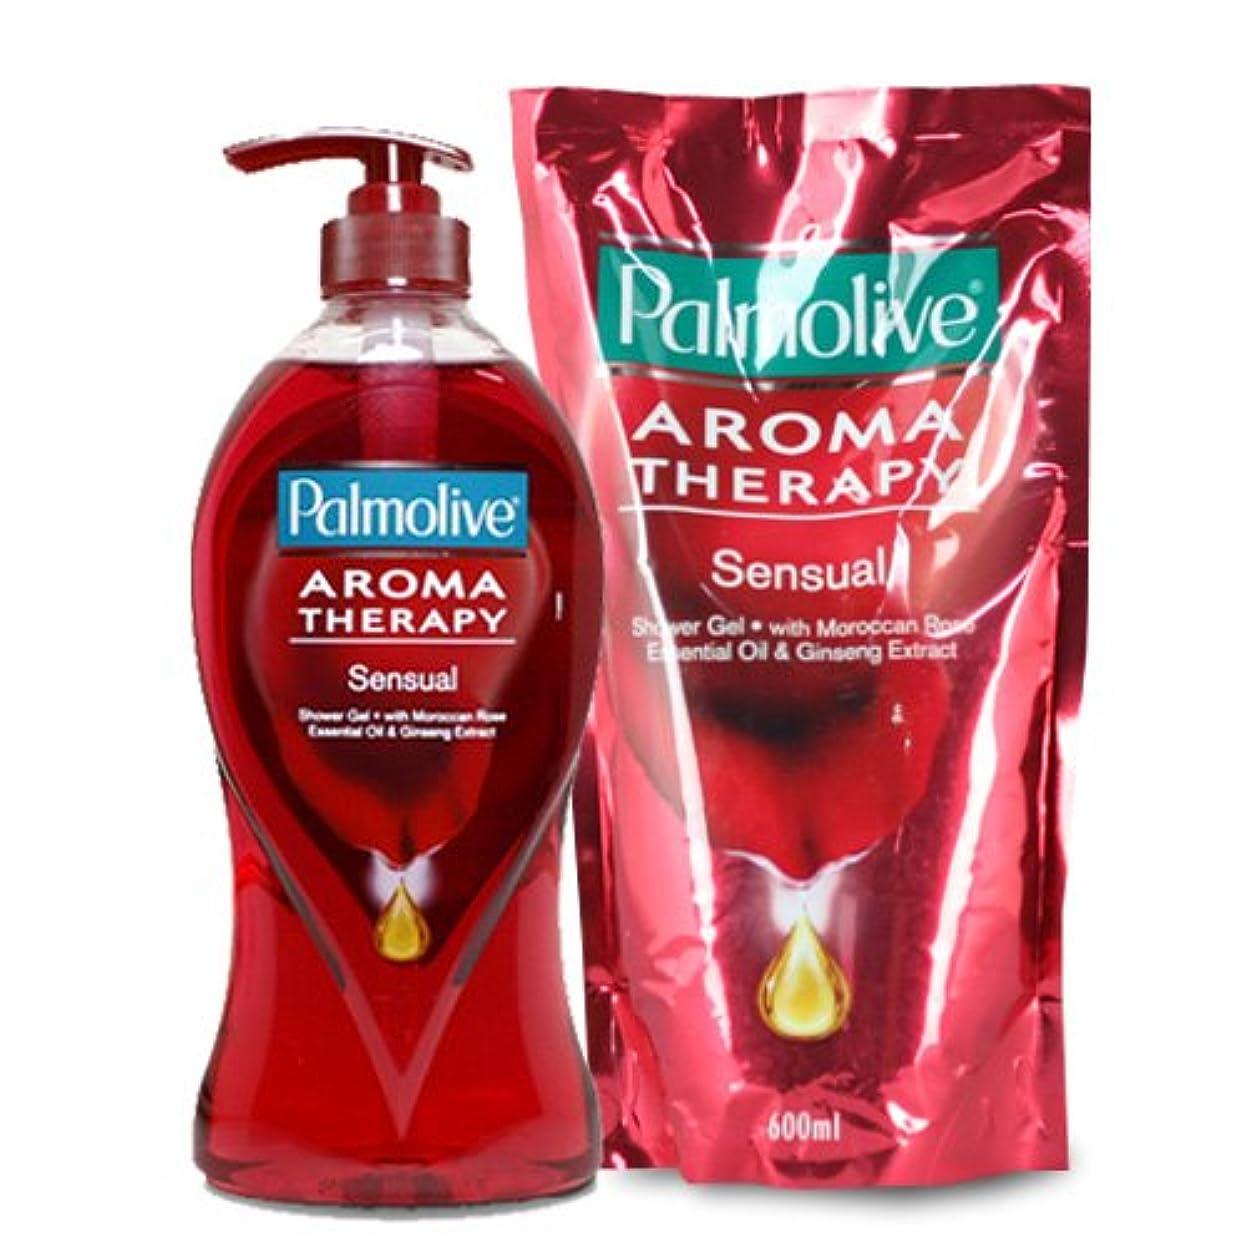 褐色たくさんアサー【Palmolive】パルモリーブ アロマセラピーシャワージェル ボトルと詰め替えのセット (センシャル)